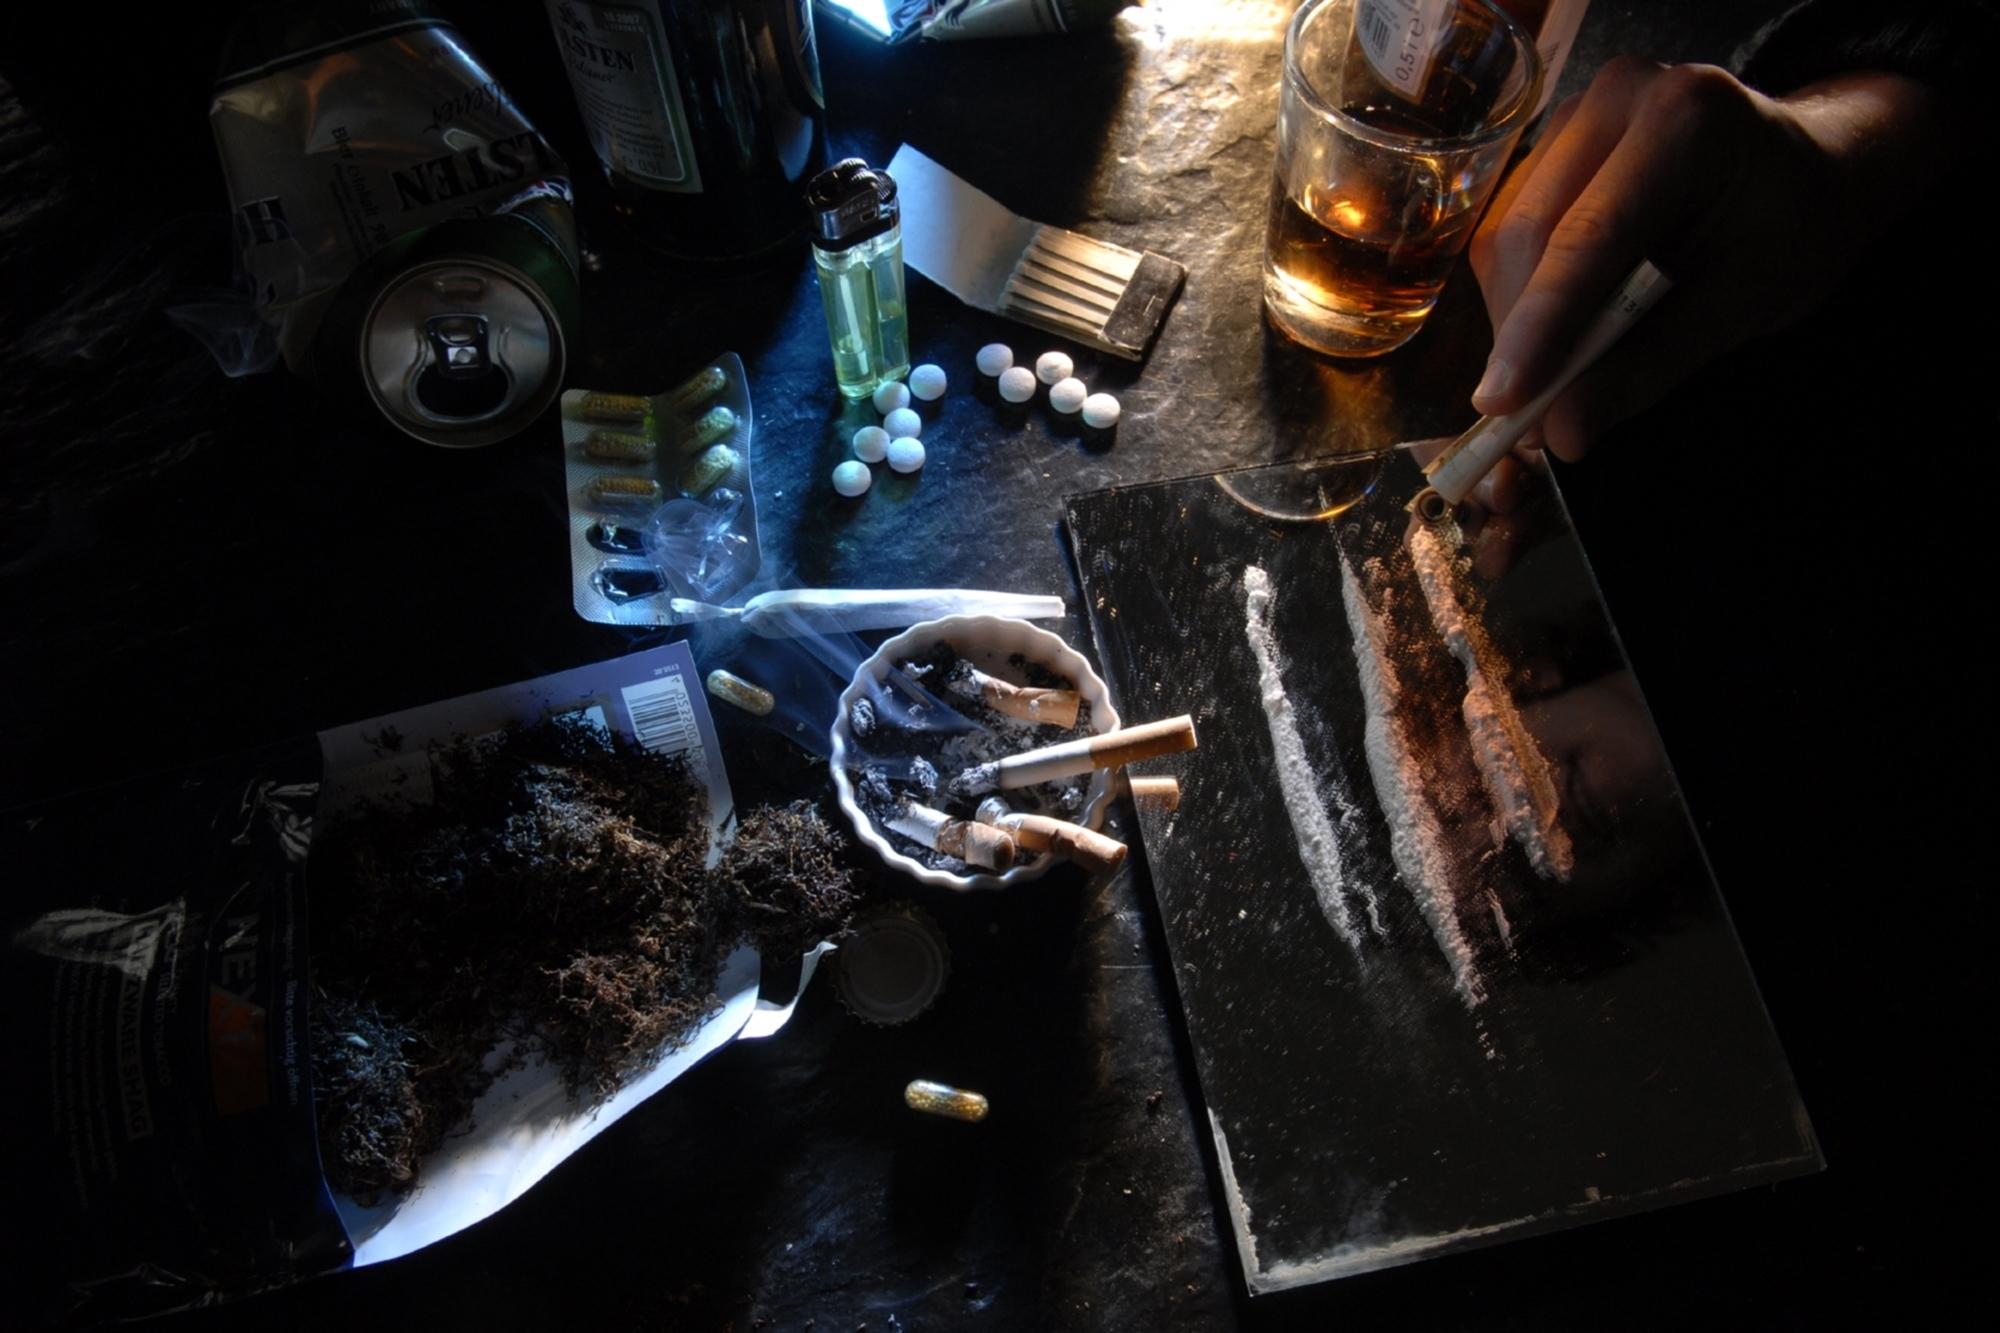 Konsequenzen von Drogenkonsum - Führerschein weg auch ohne Autofahrt